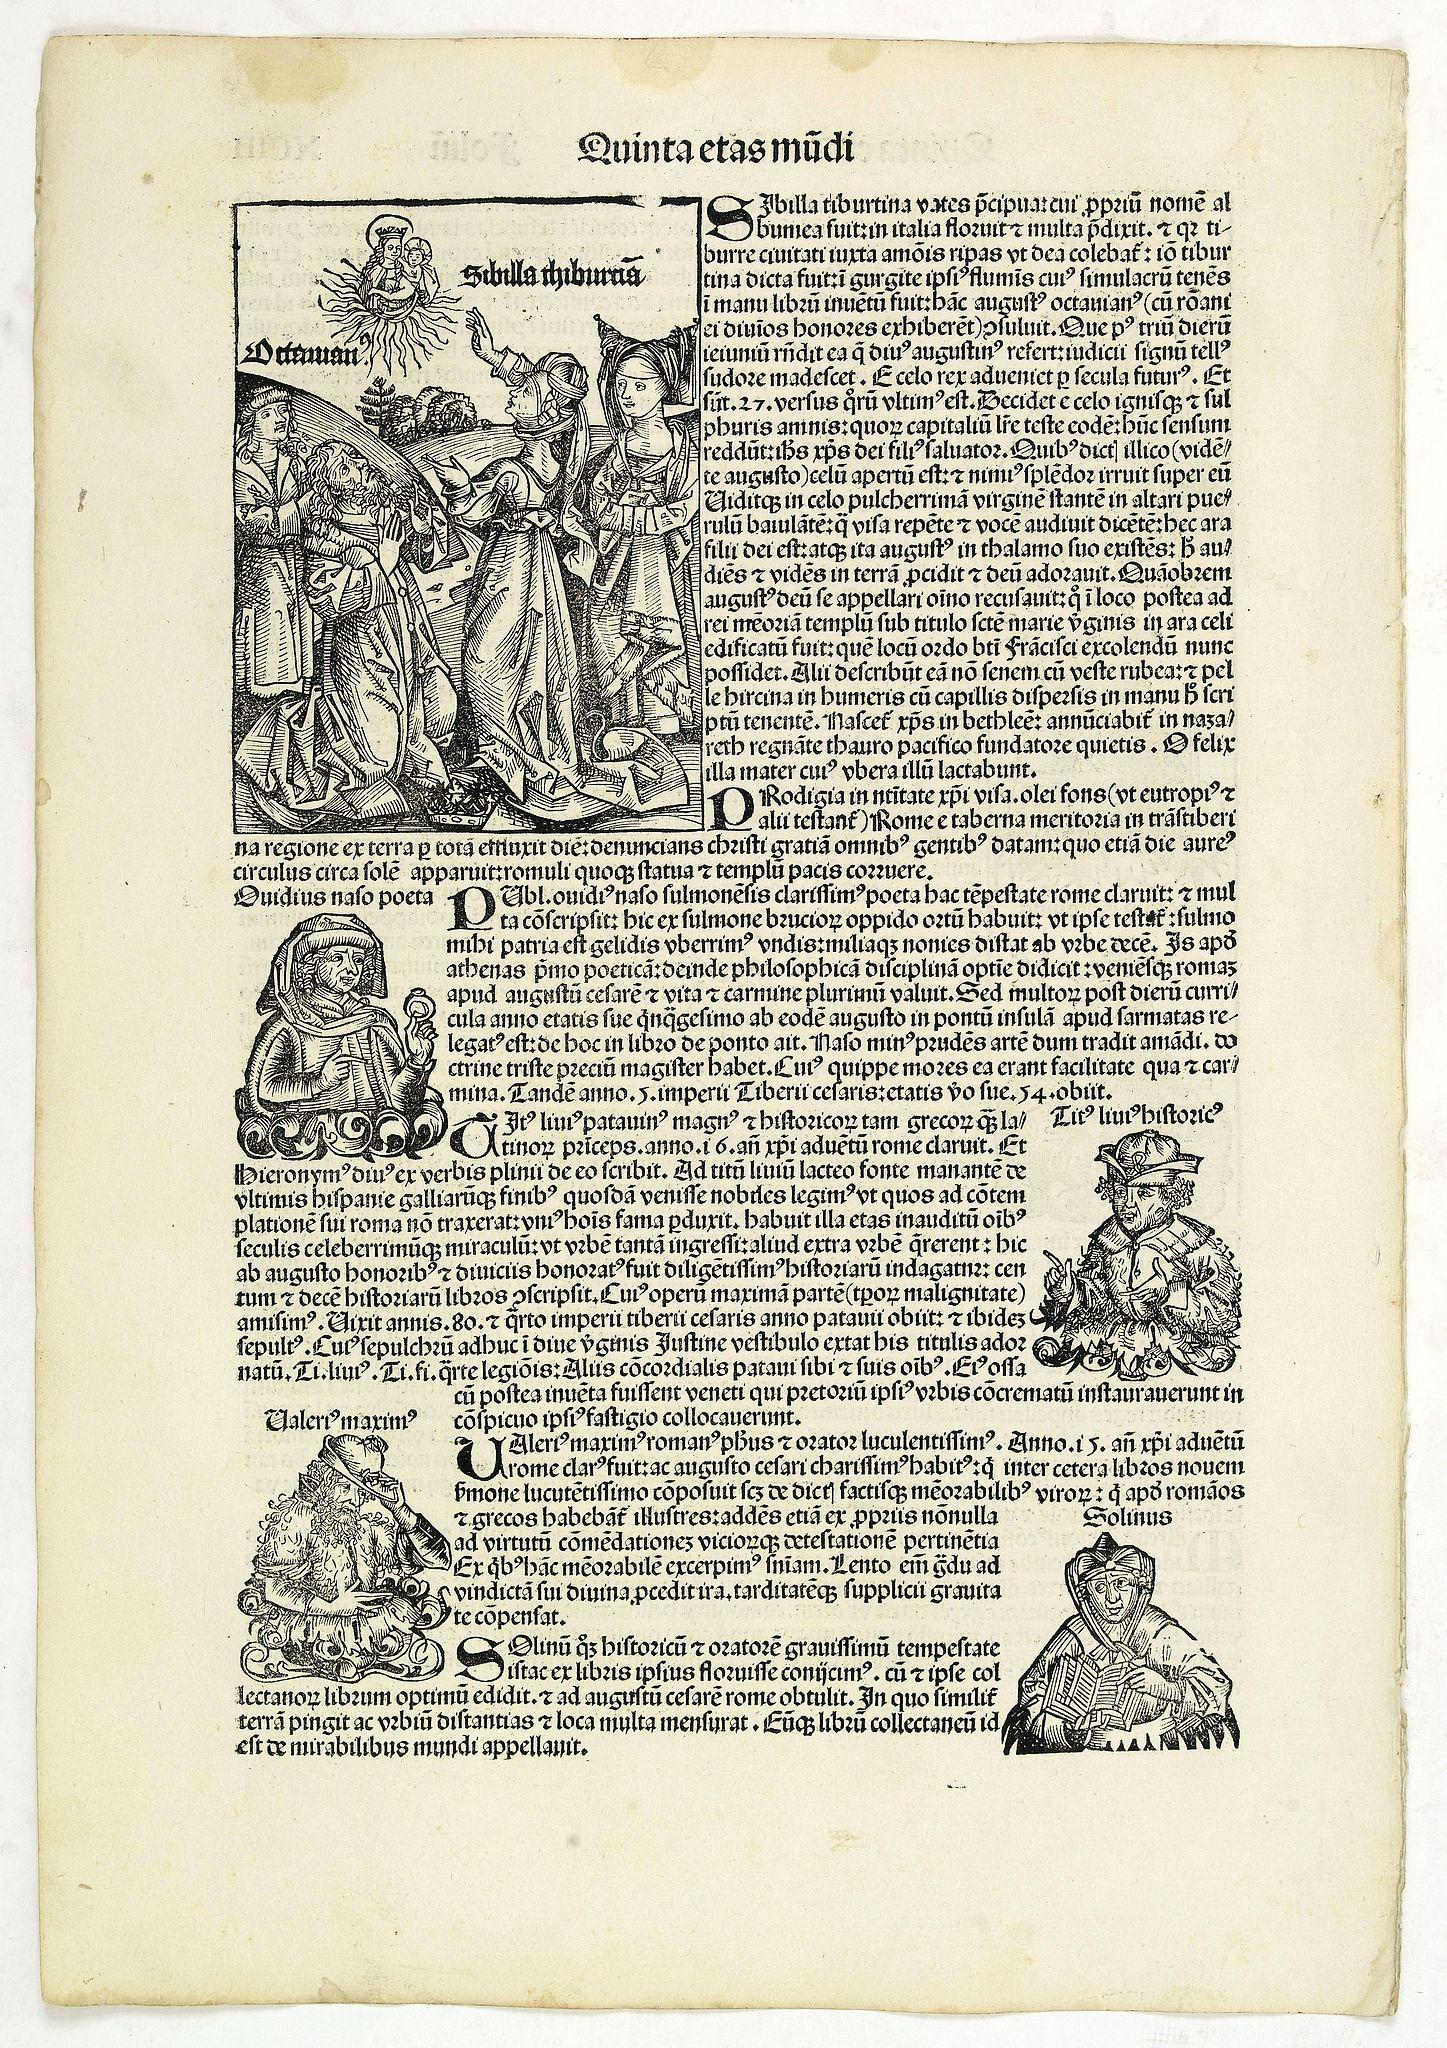 SCHEDEL, H. -  Quinta Etas Mundi. Folium.XCIII.